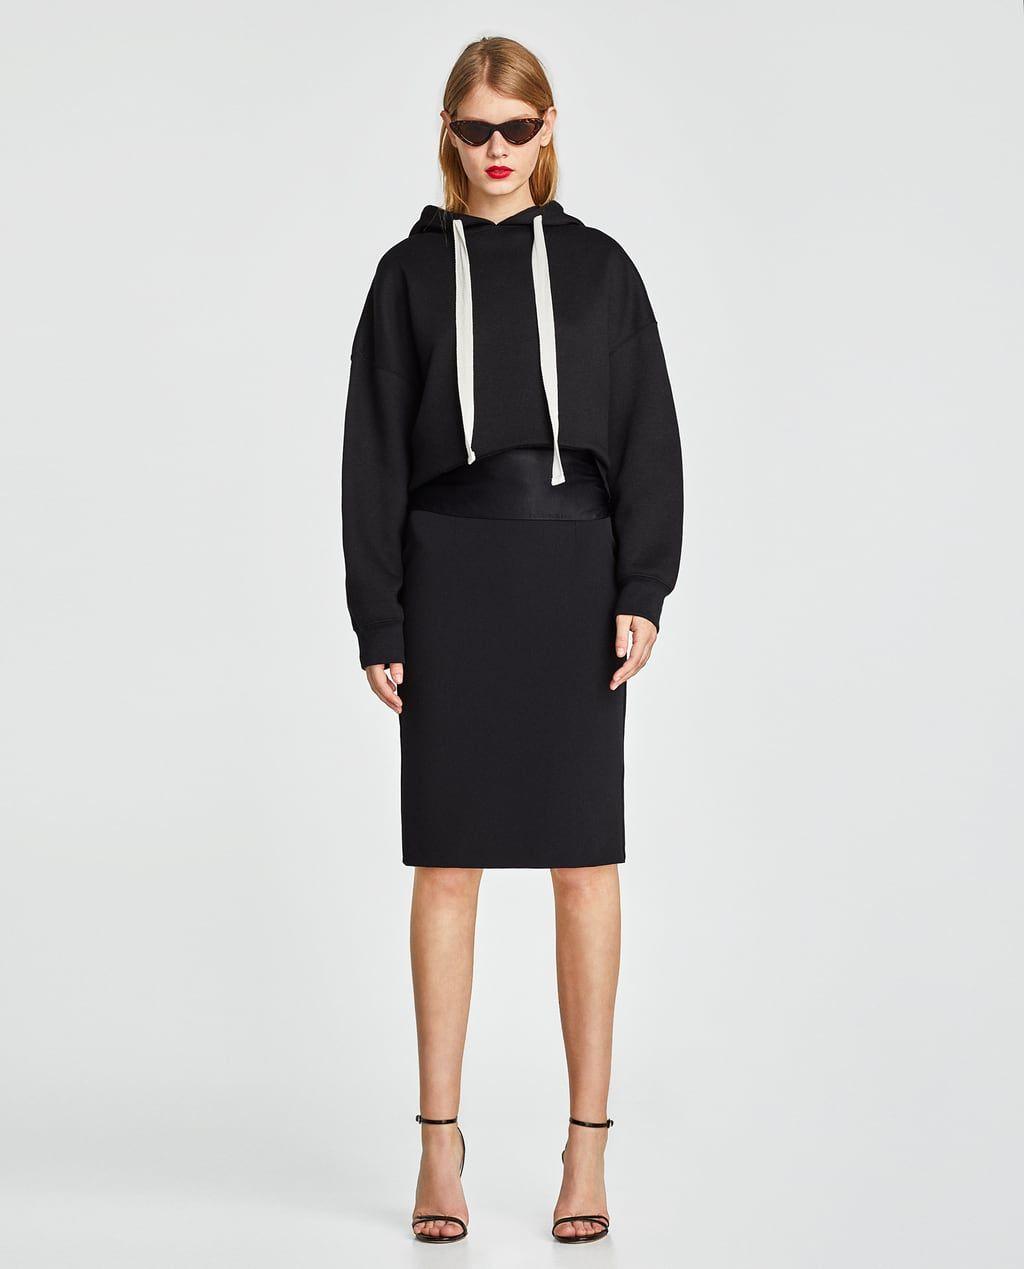 Zara Tunisie Collection printemps-été 2018 - modele (23)